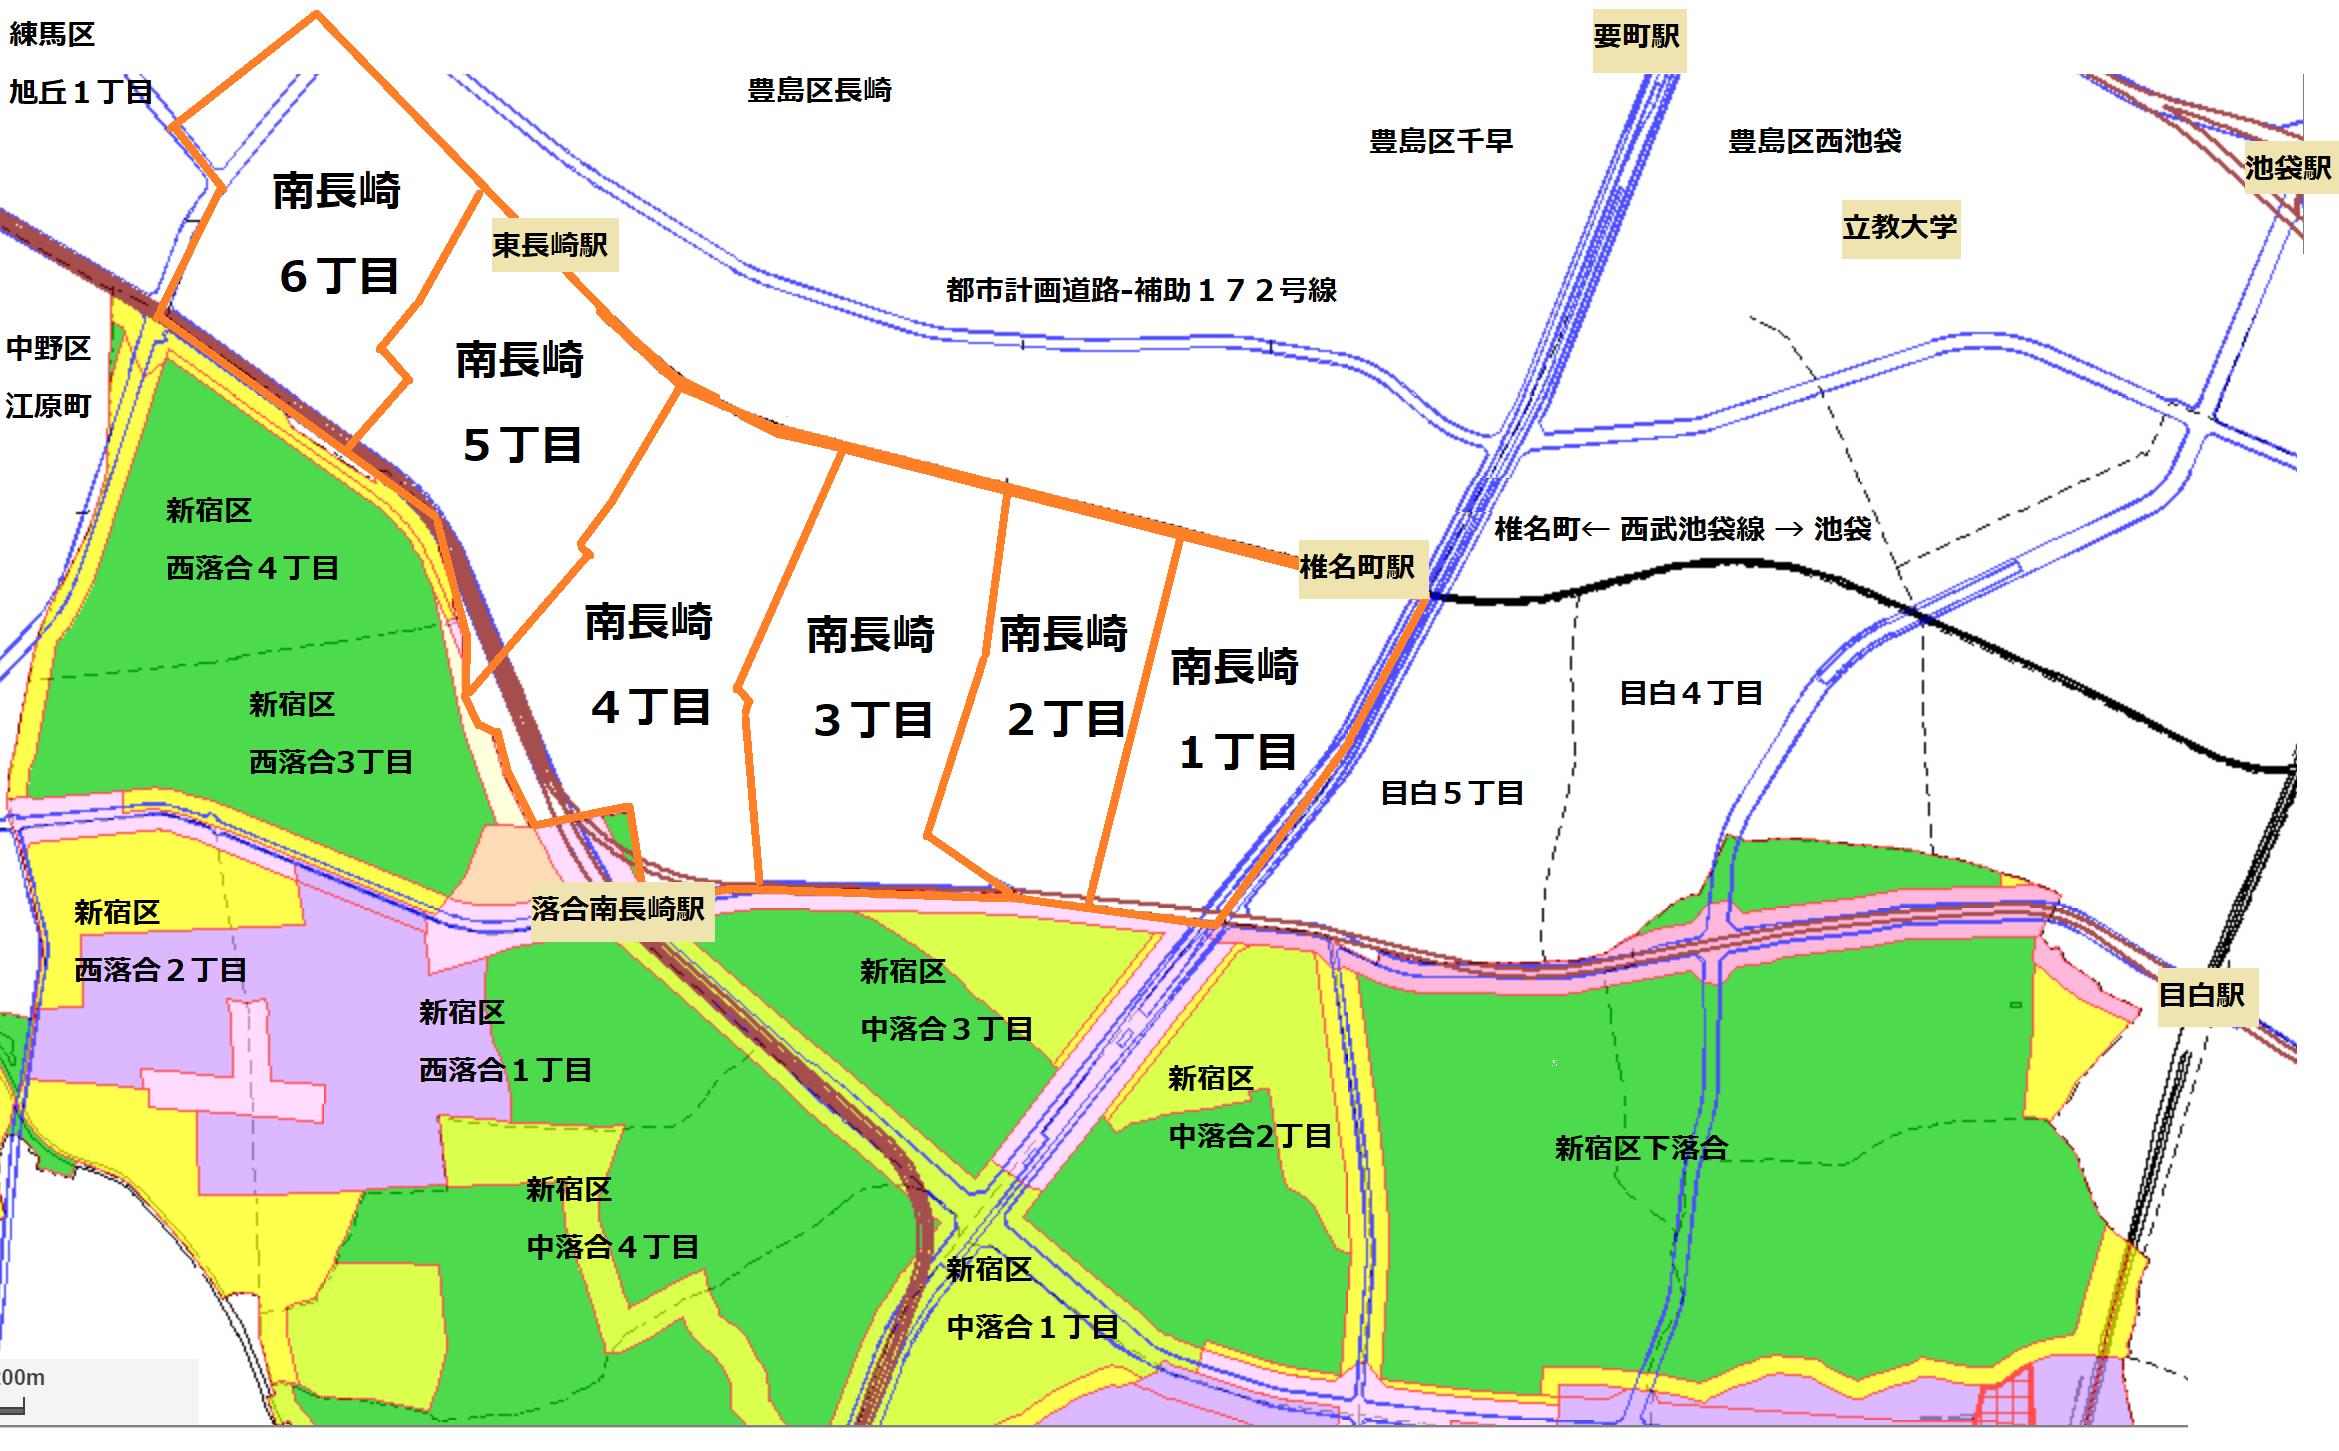 豊島区南長崎を中心とした概要図